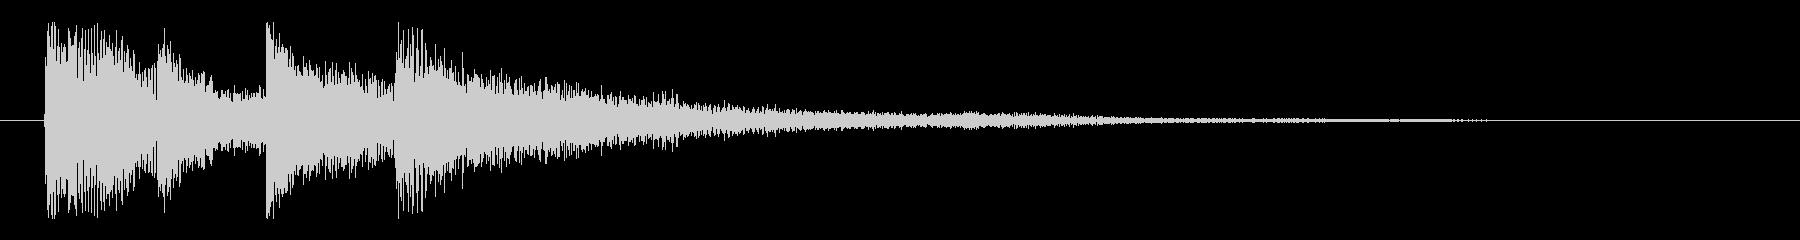 優しくおしゃれな ピアノのサウンドロゴの未再生の波形